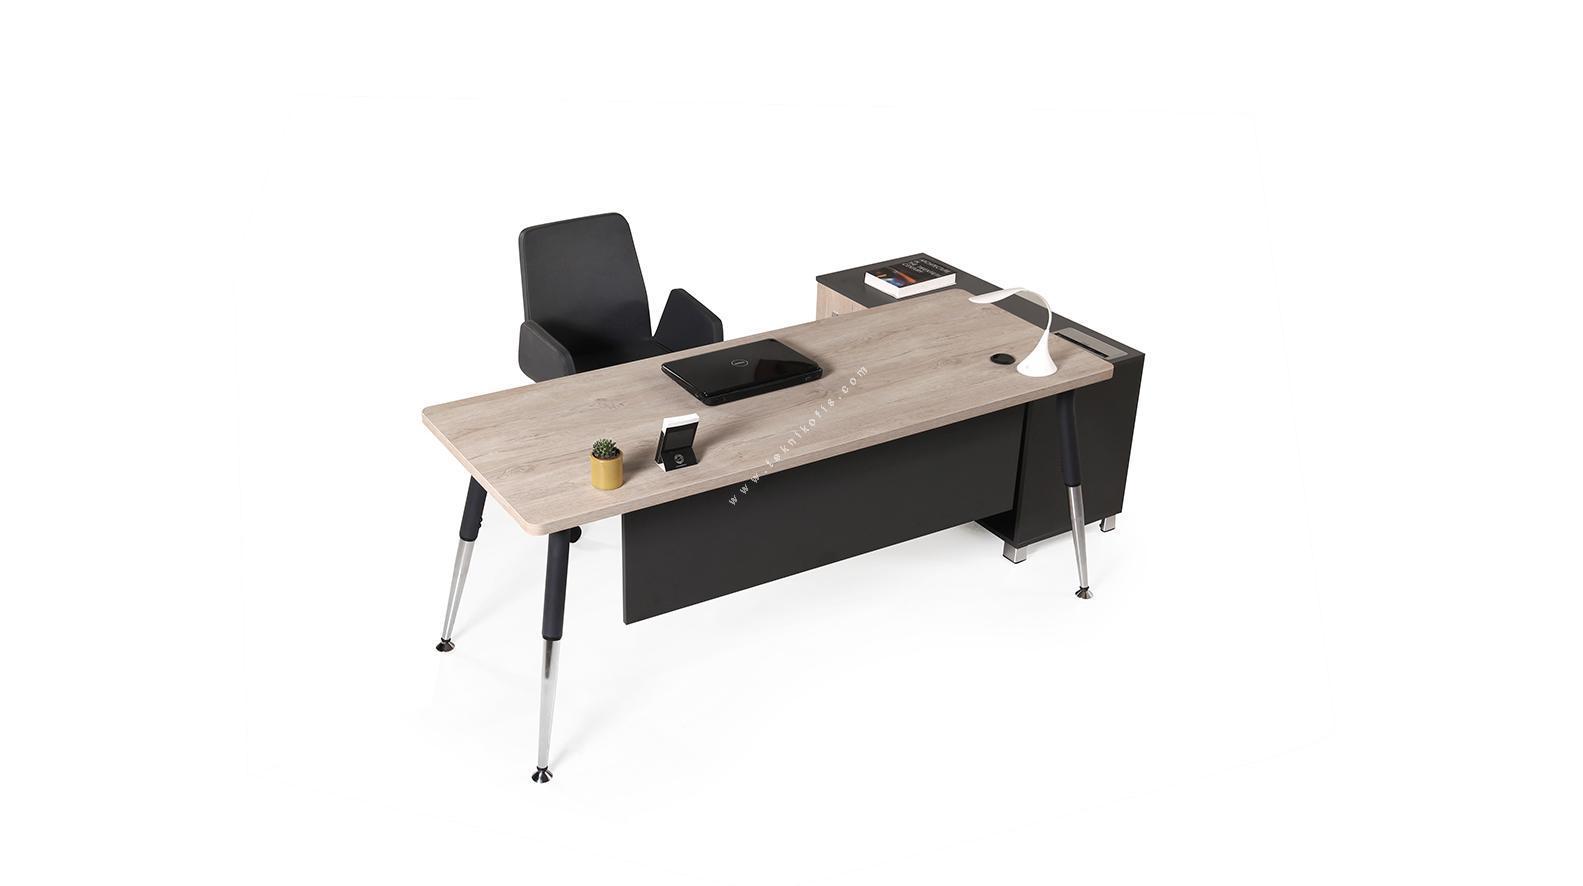 toucher etajerli metal ayaklı yönetici masası 180cm